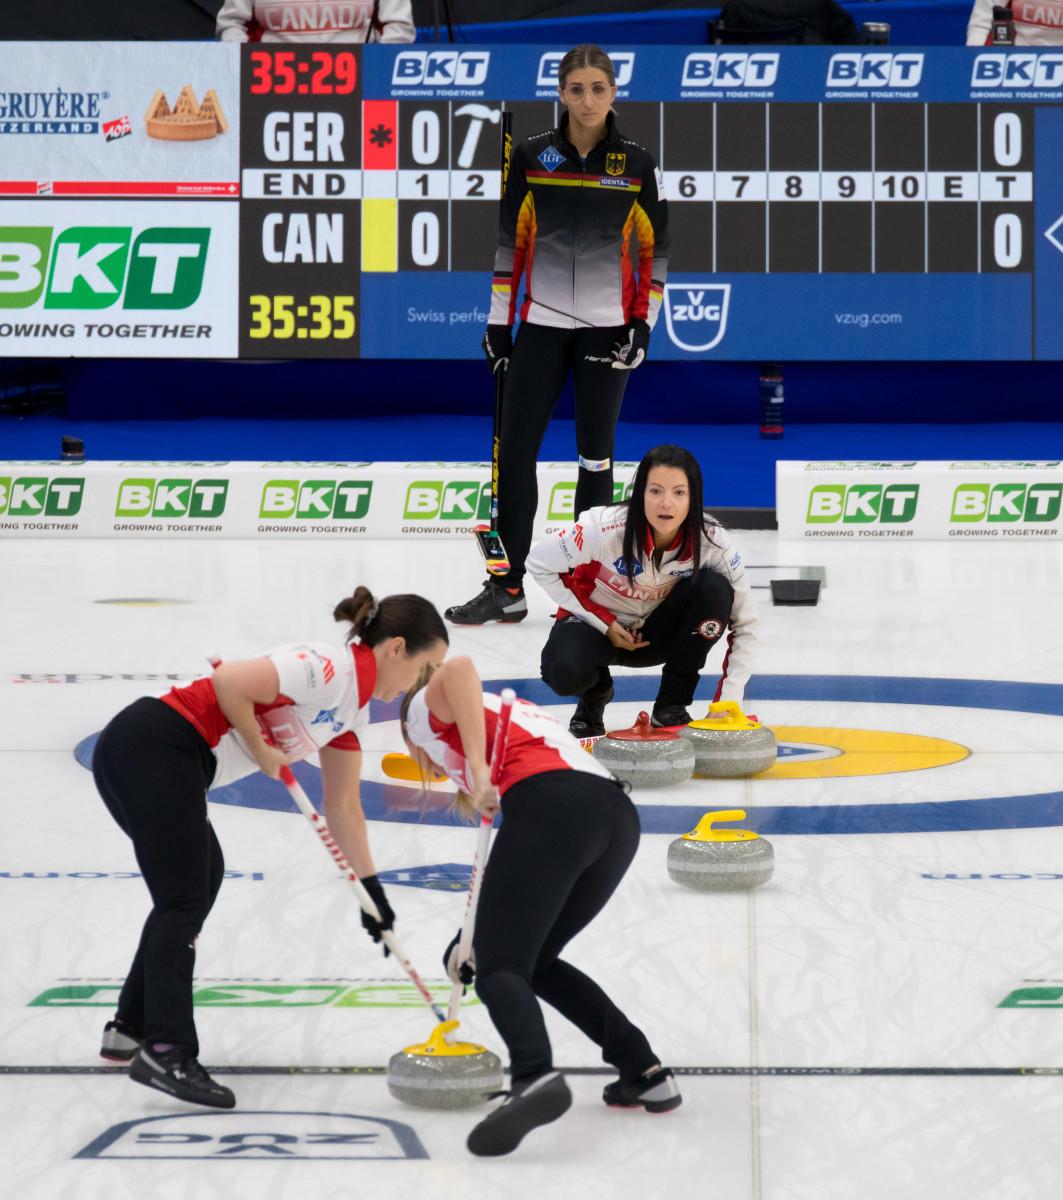 Steve Seixeiro-World Curling Federation